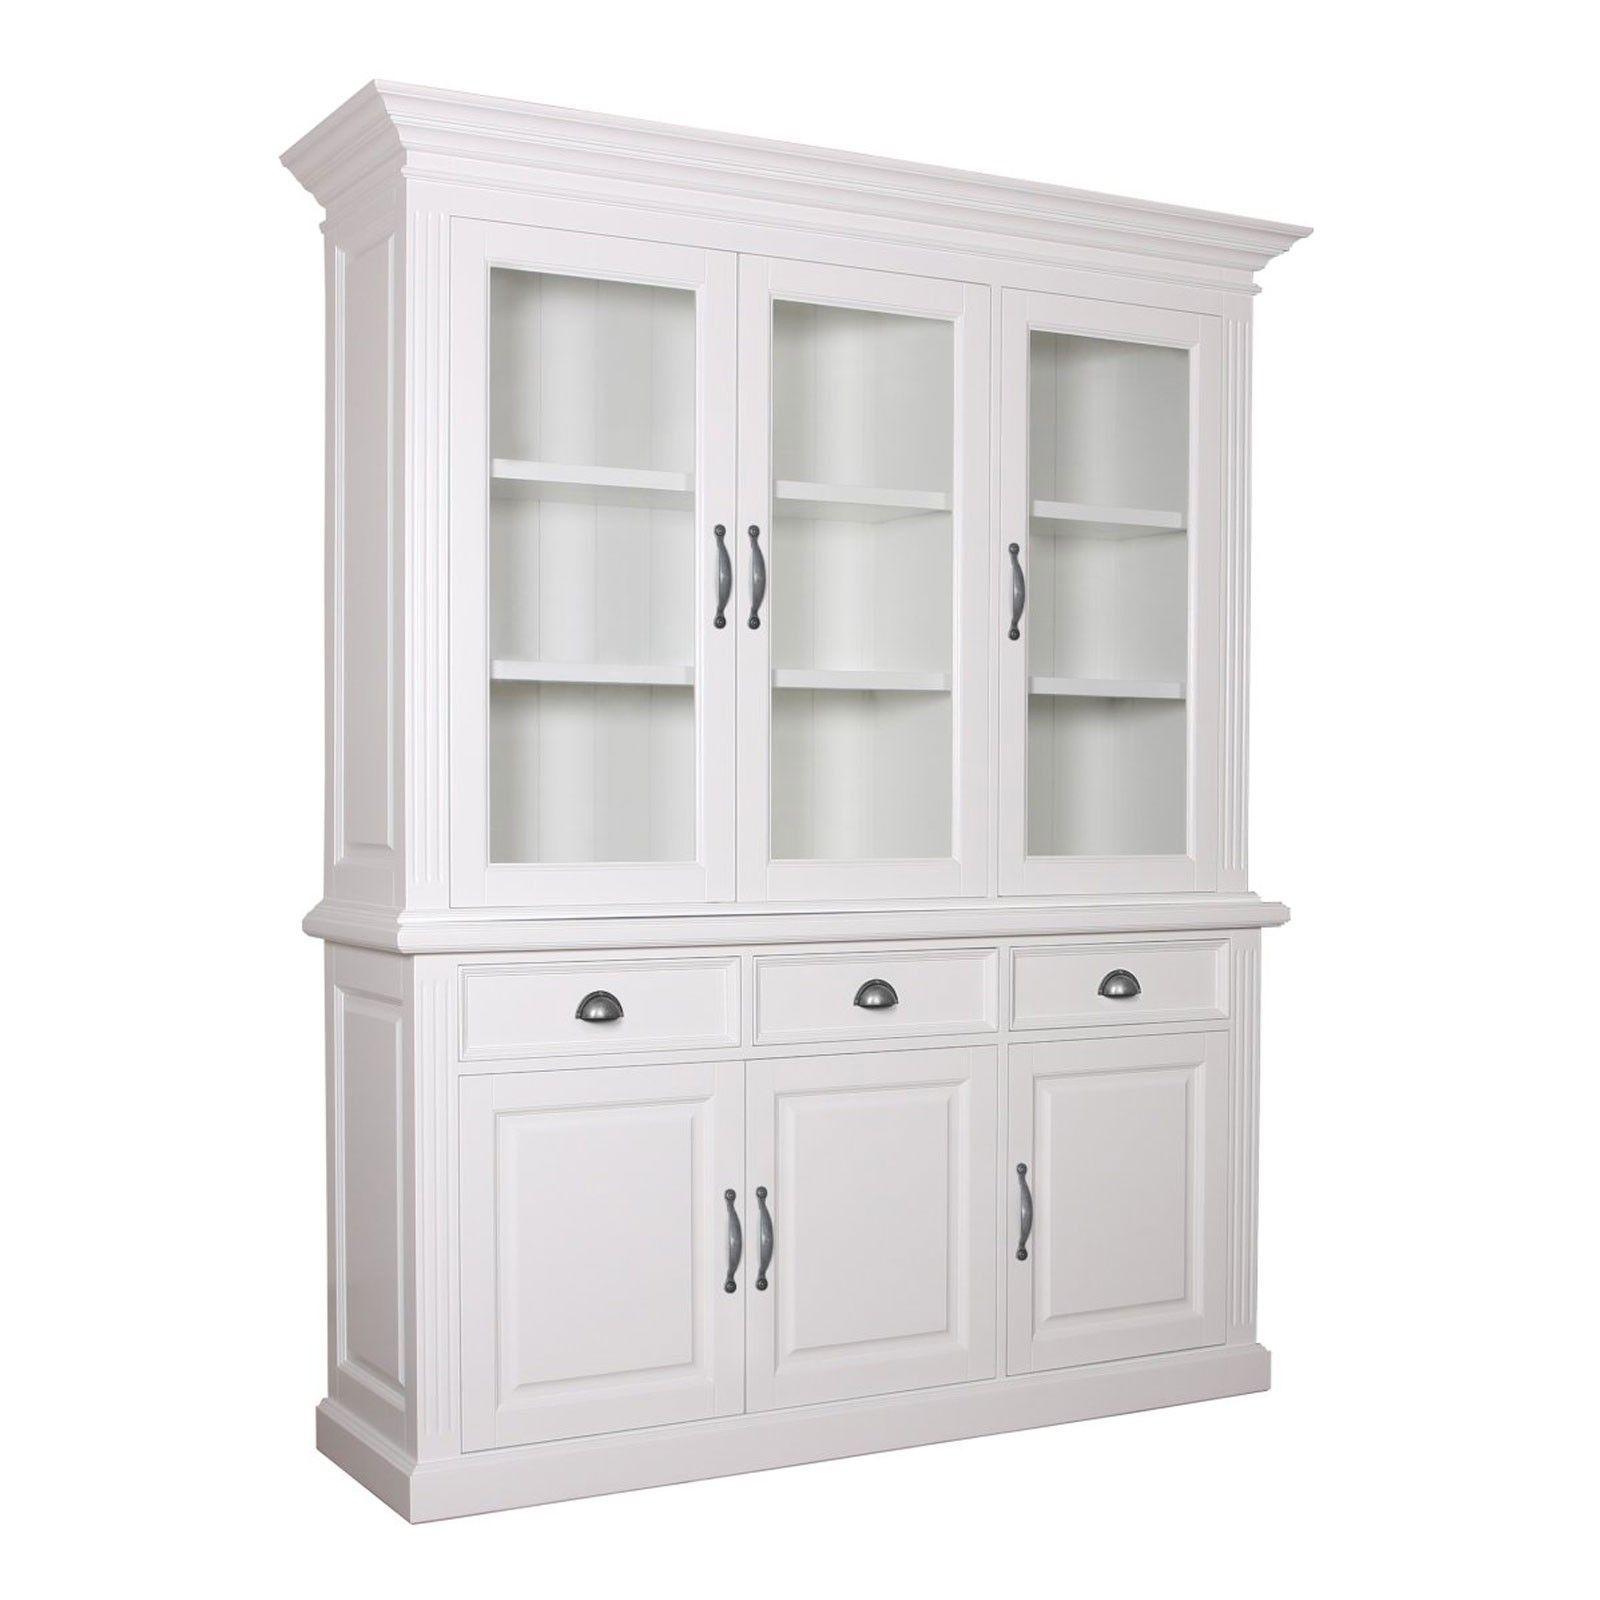 Buffet deux corps 2x3 portes 3 tiroirs Chic -achat meubles de séjour